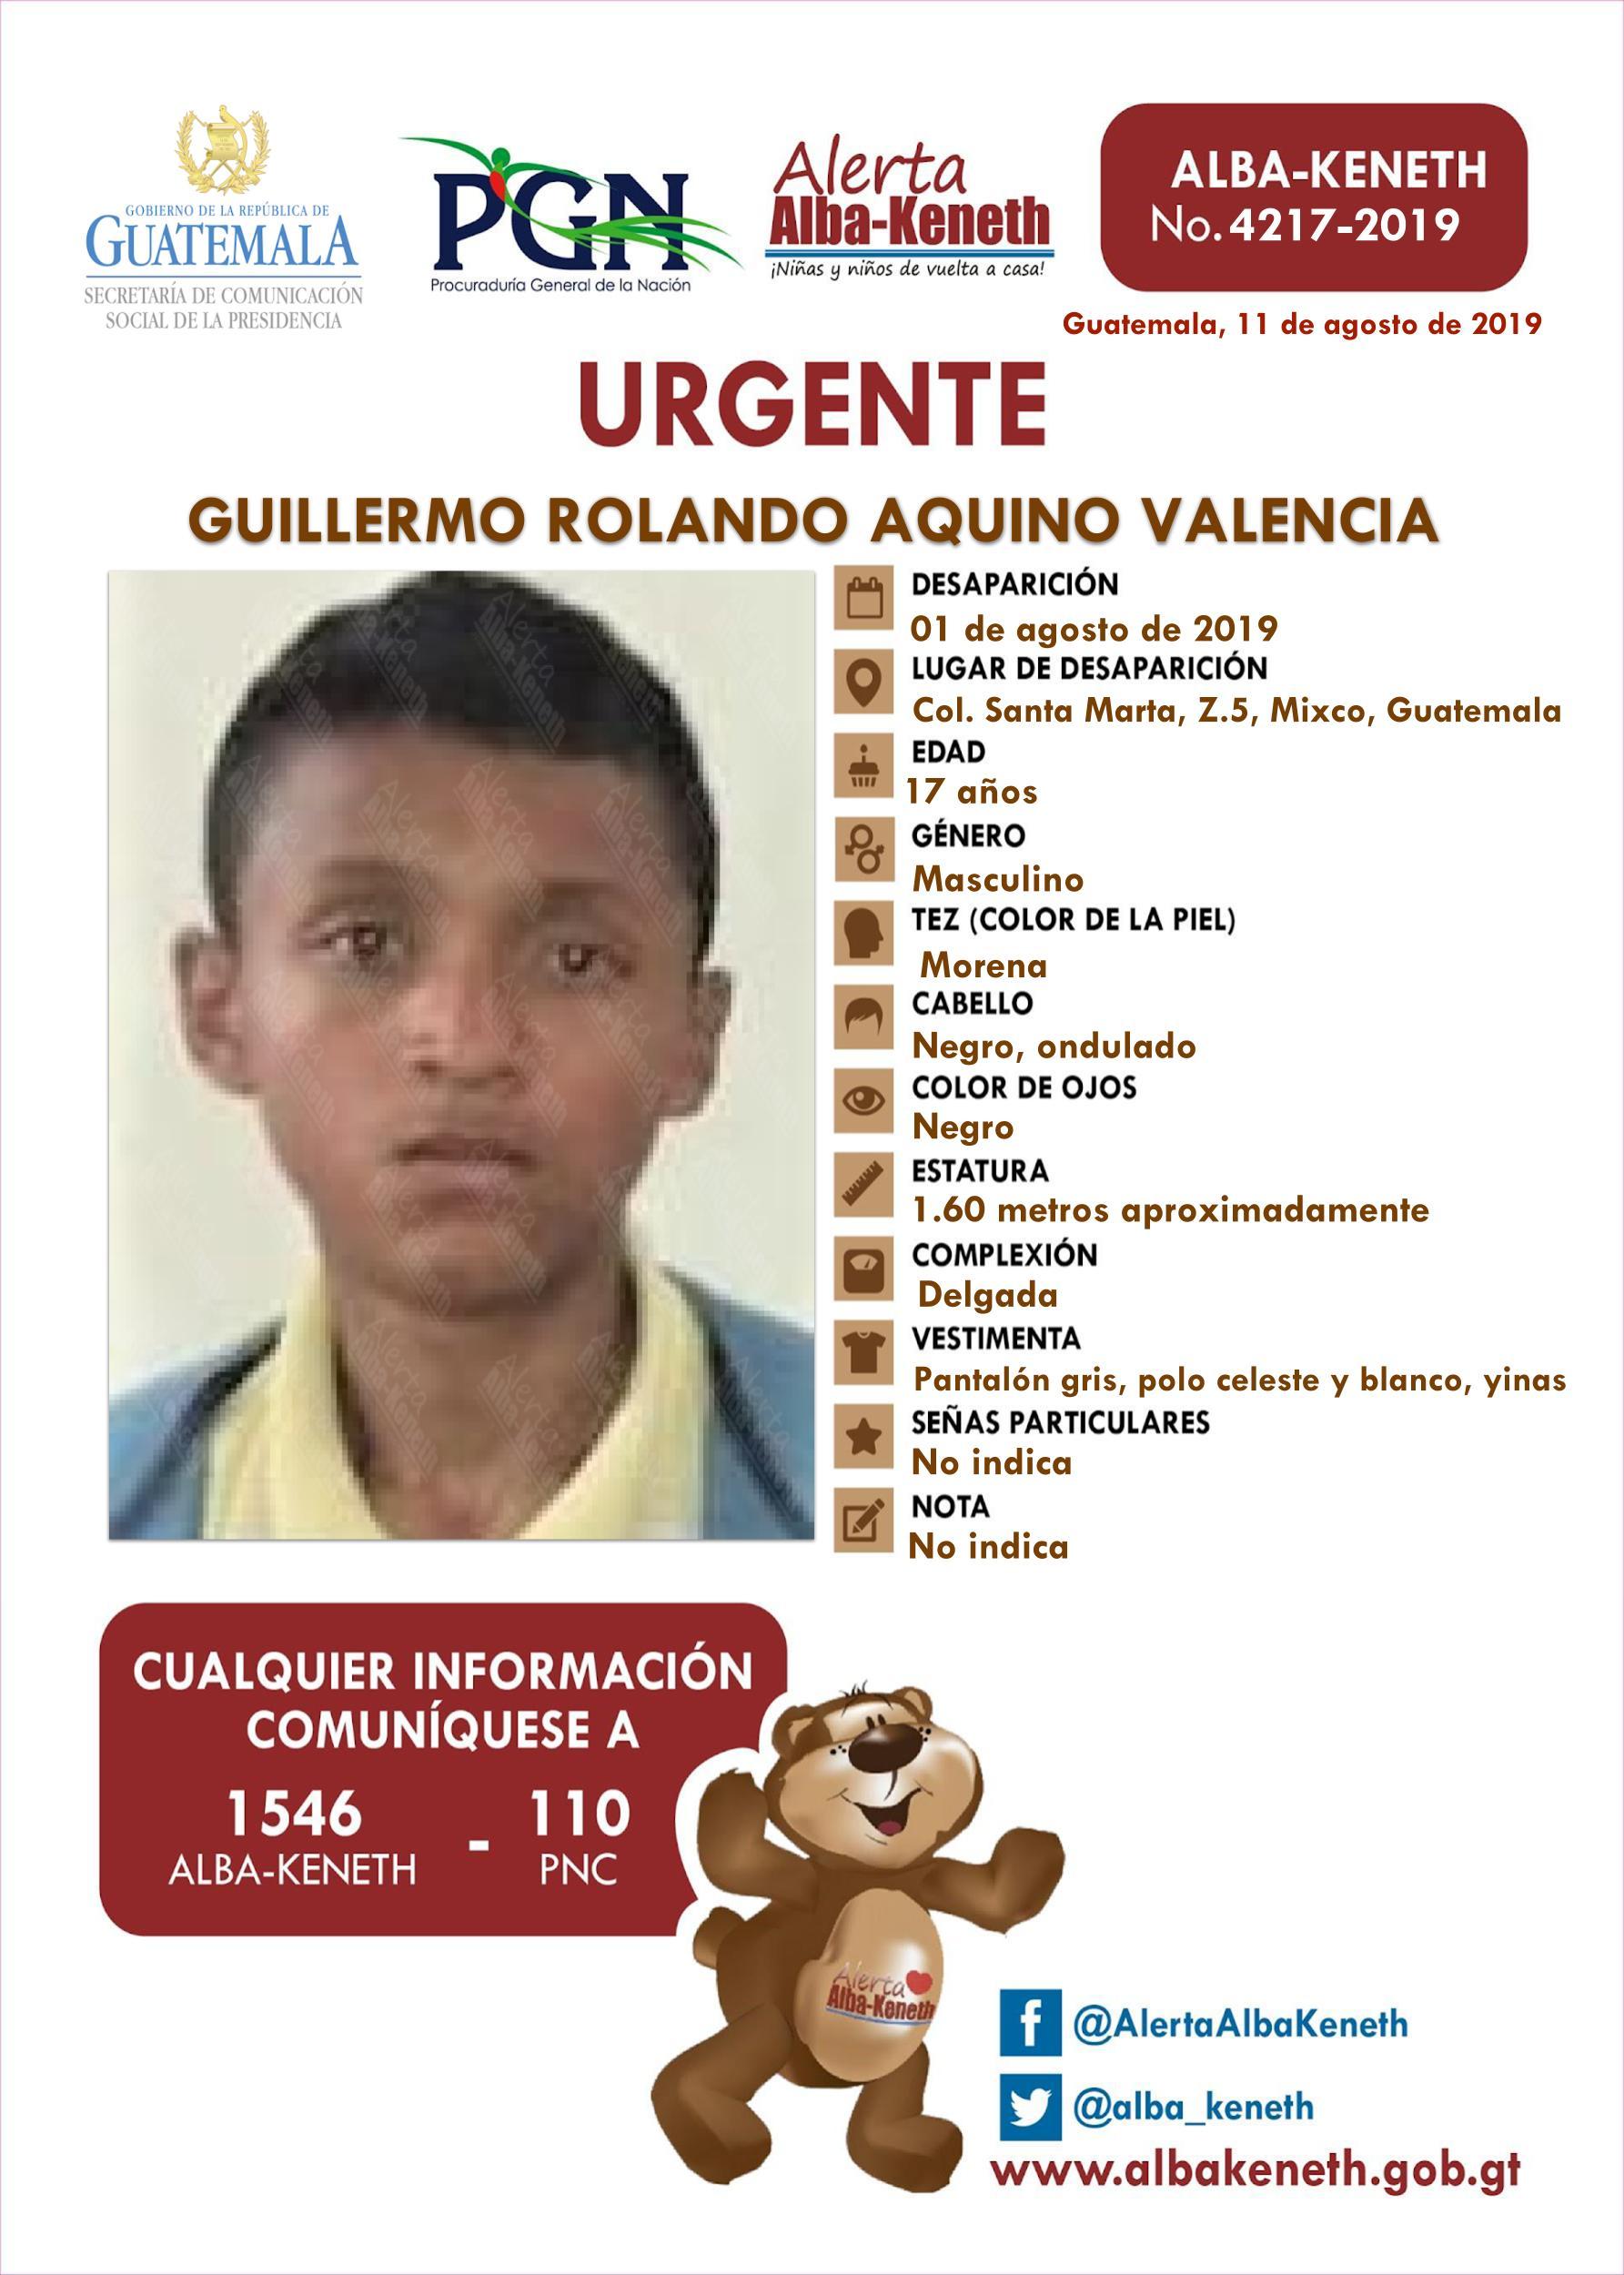 Guillermo Rolando Aquino Valencia